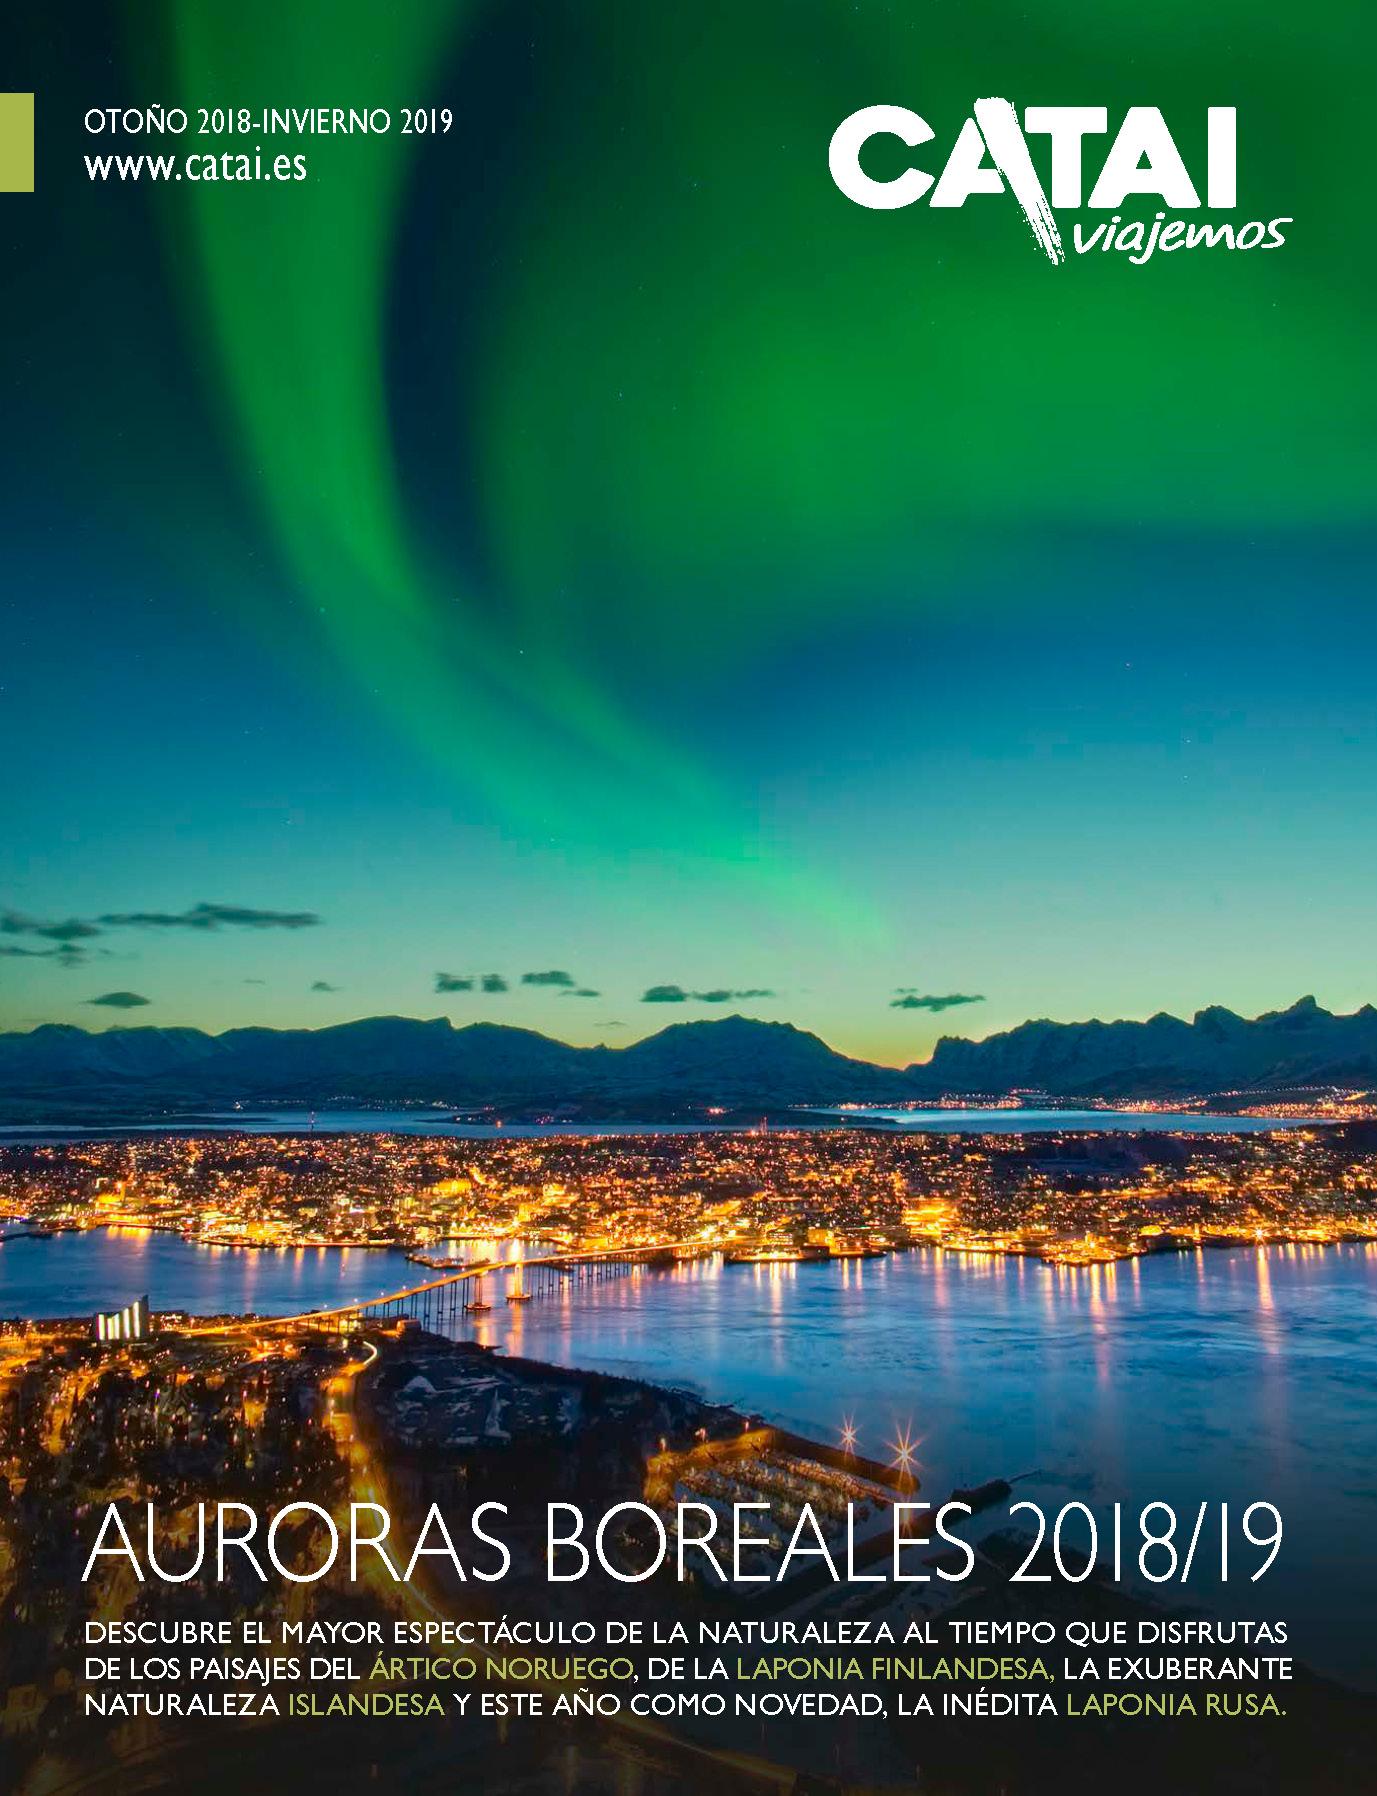 Catalogo Catai Auroras Boreales 2018-2019